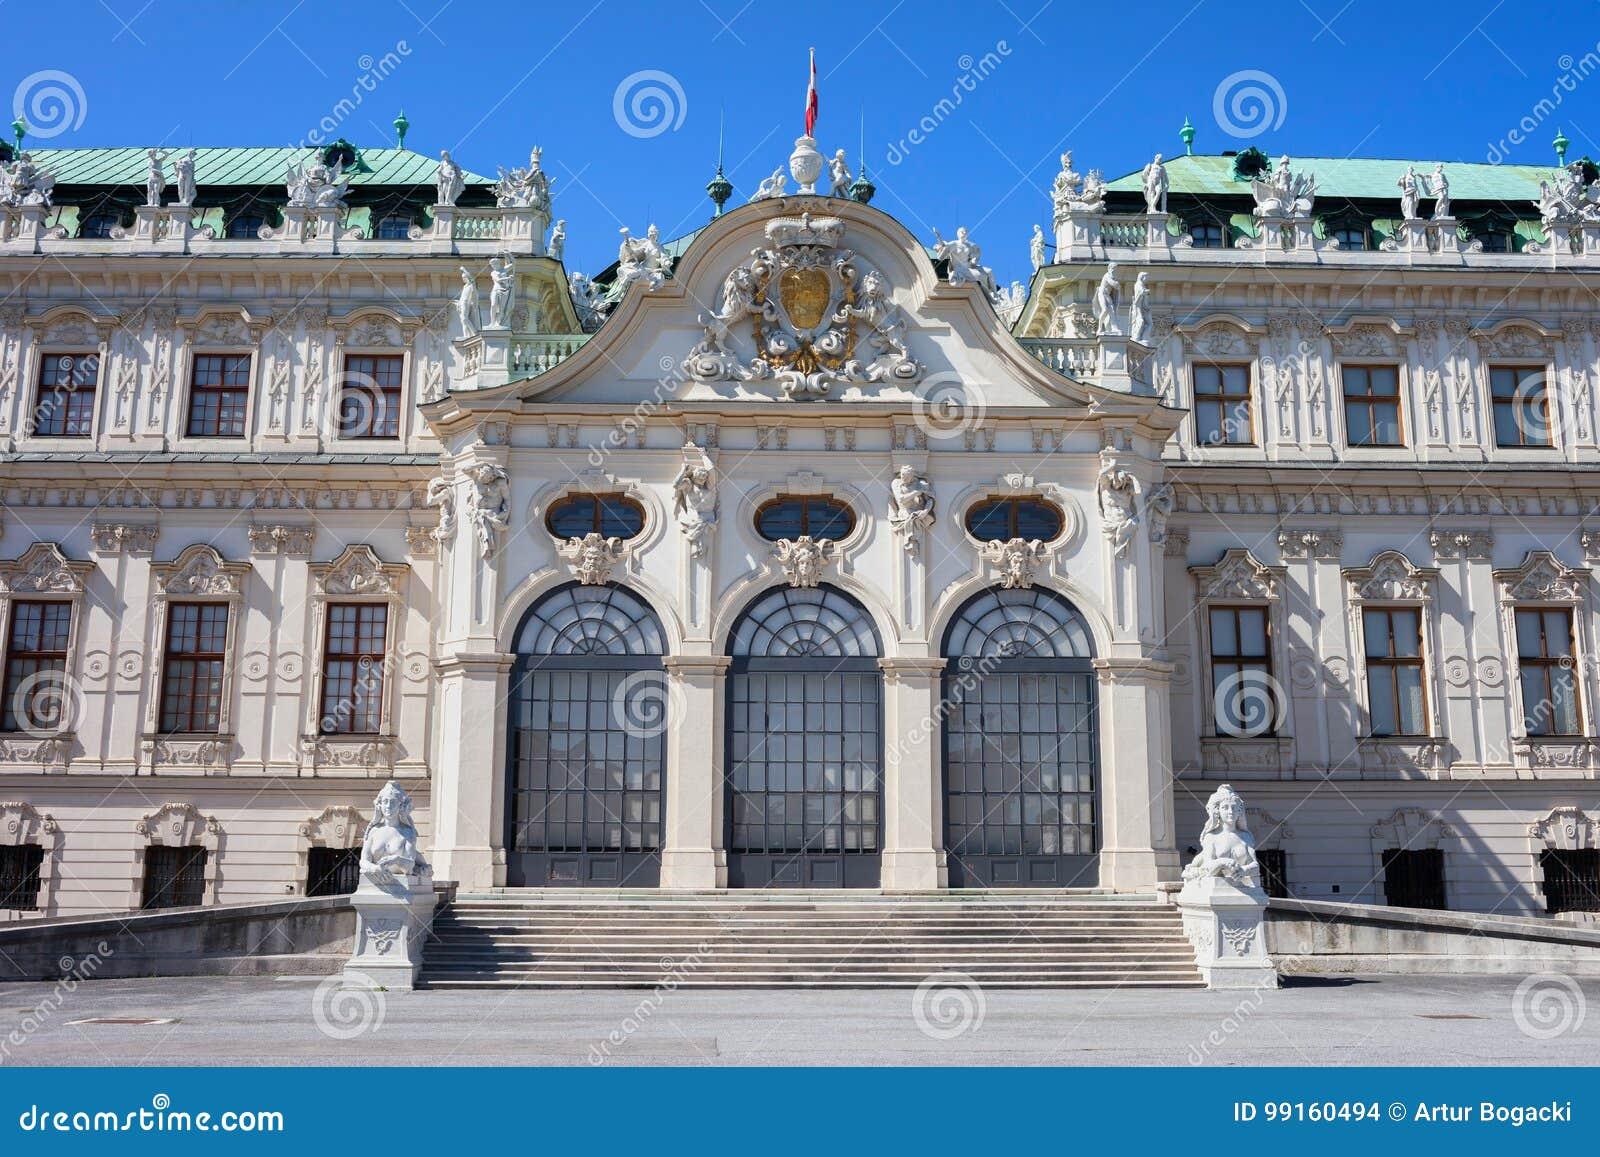 Palais supérieur de belvédère à Vienne